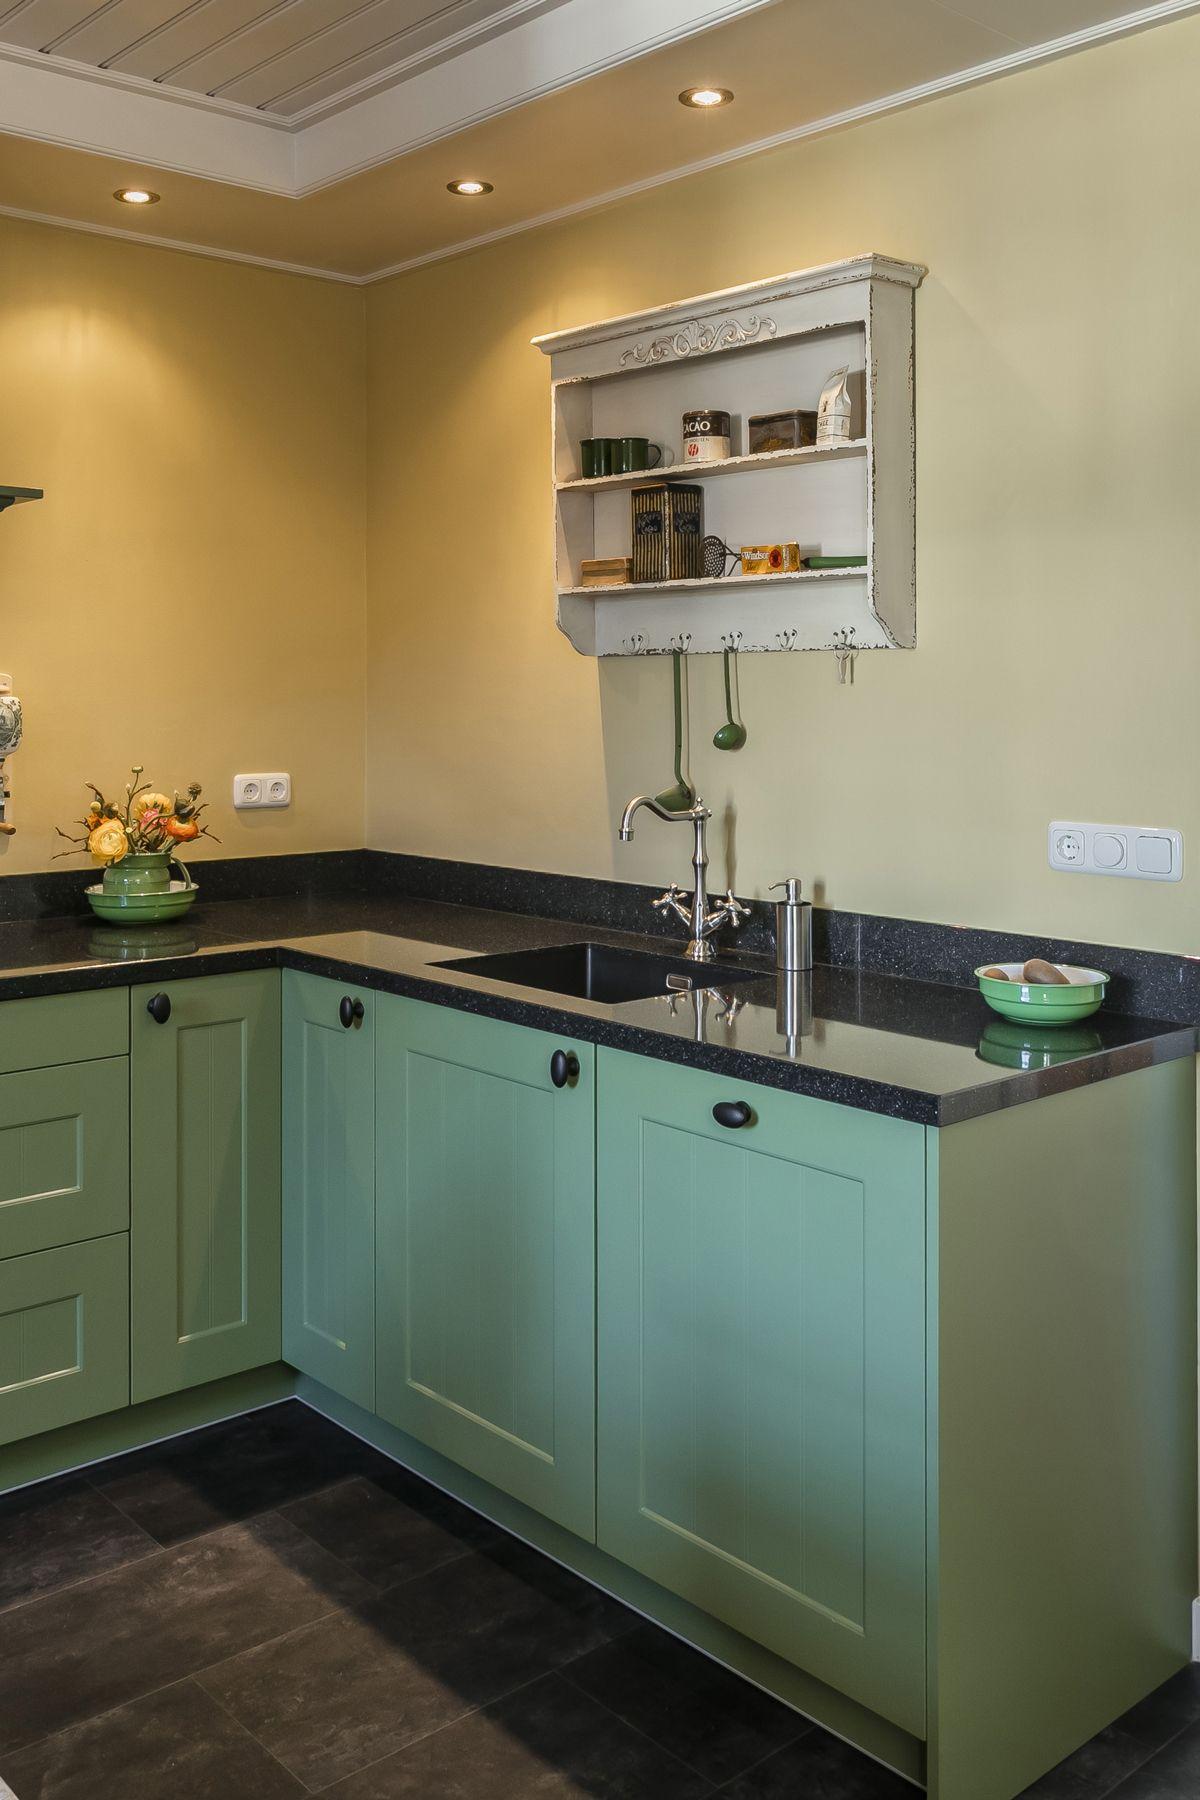 Groene Keuken In Landelijke Stijl Prachtig Gecombineerd Met Zwart Aanrechtblad En De Achterwand In Oudgeel Bekijk Mee Keuken Landelijke Keuken Groene Keuken